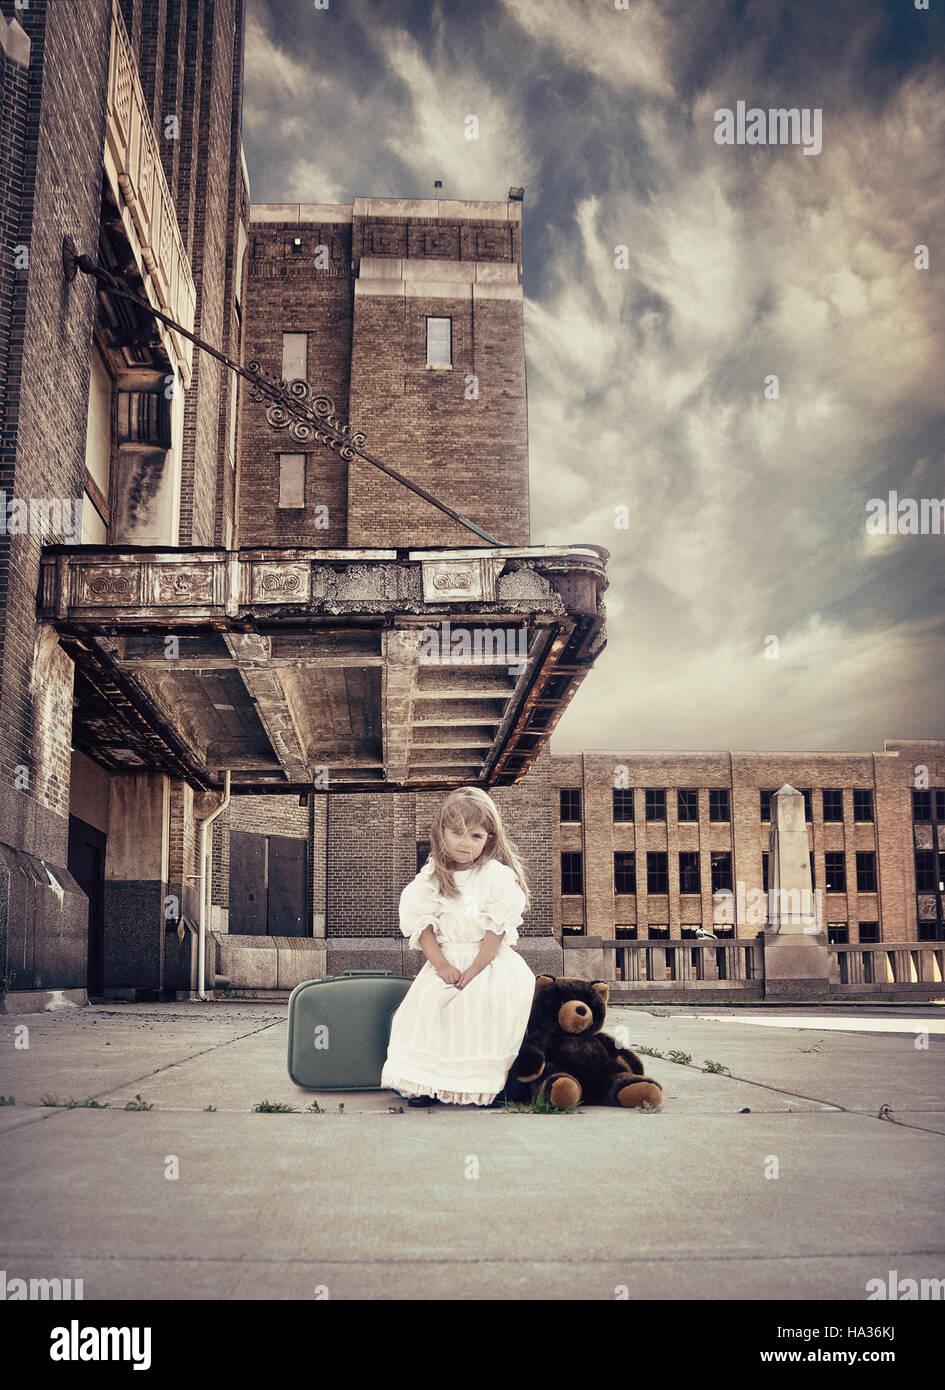 Una niña pequeña está sentada sobre una maleta de viaje por un viejo edificio con osito de peluche Imagen De Stock